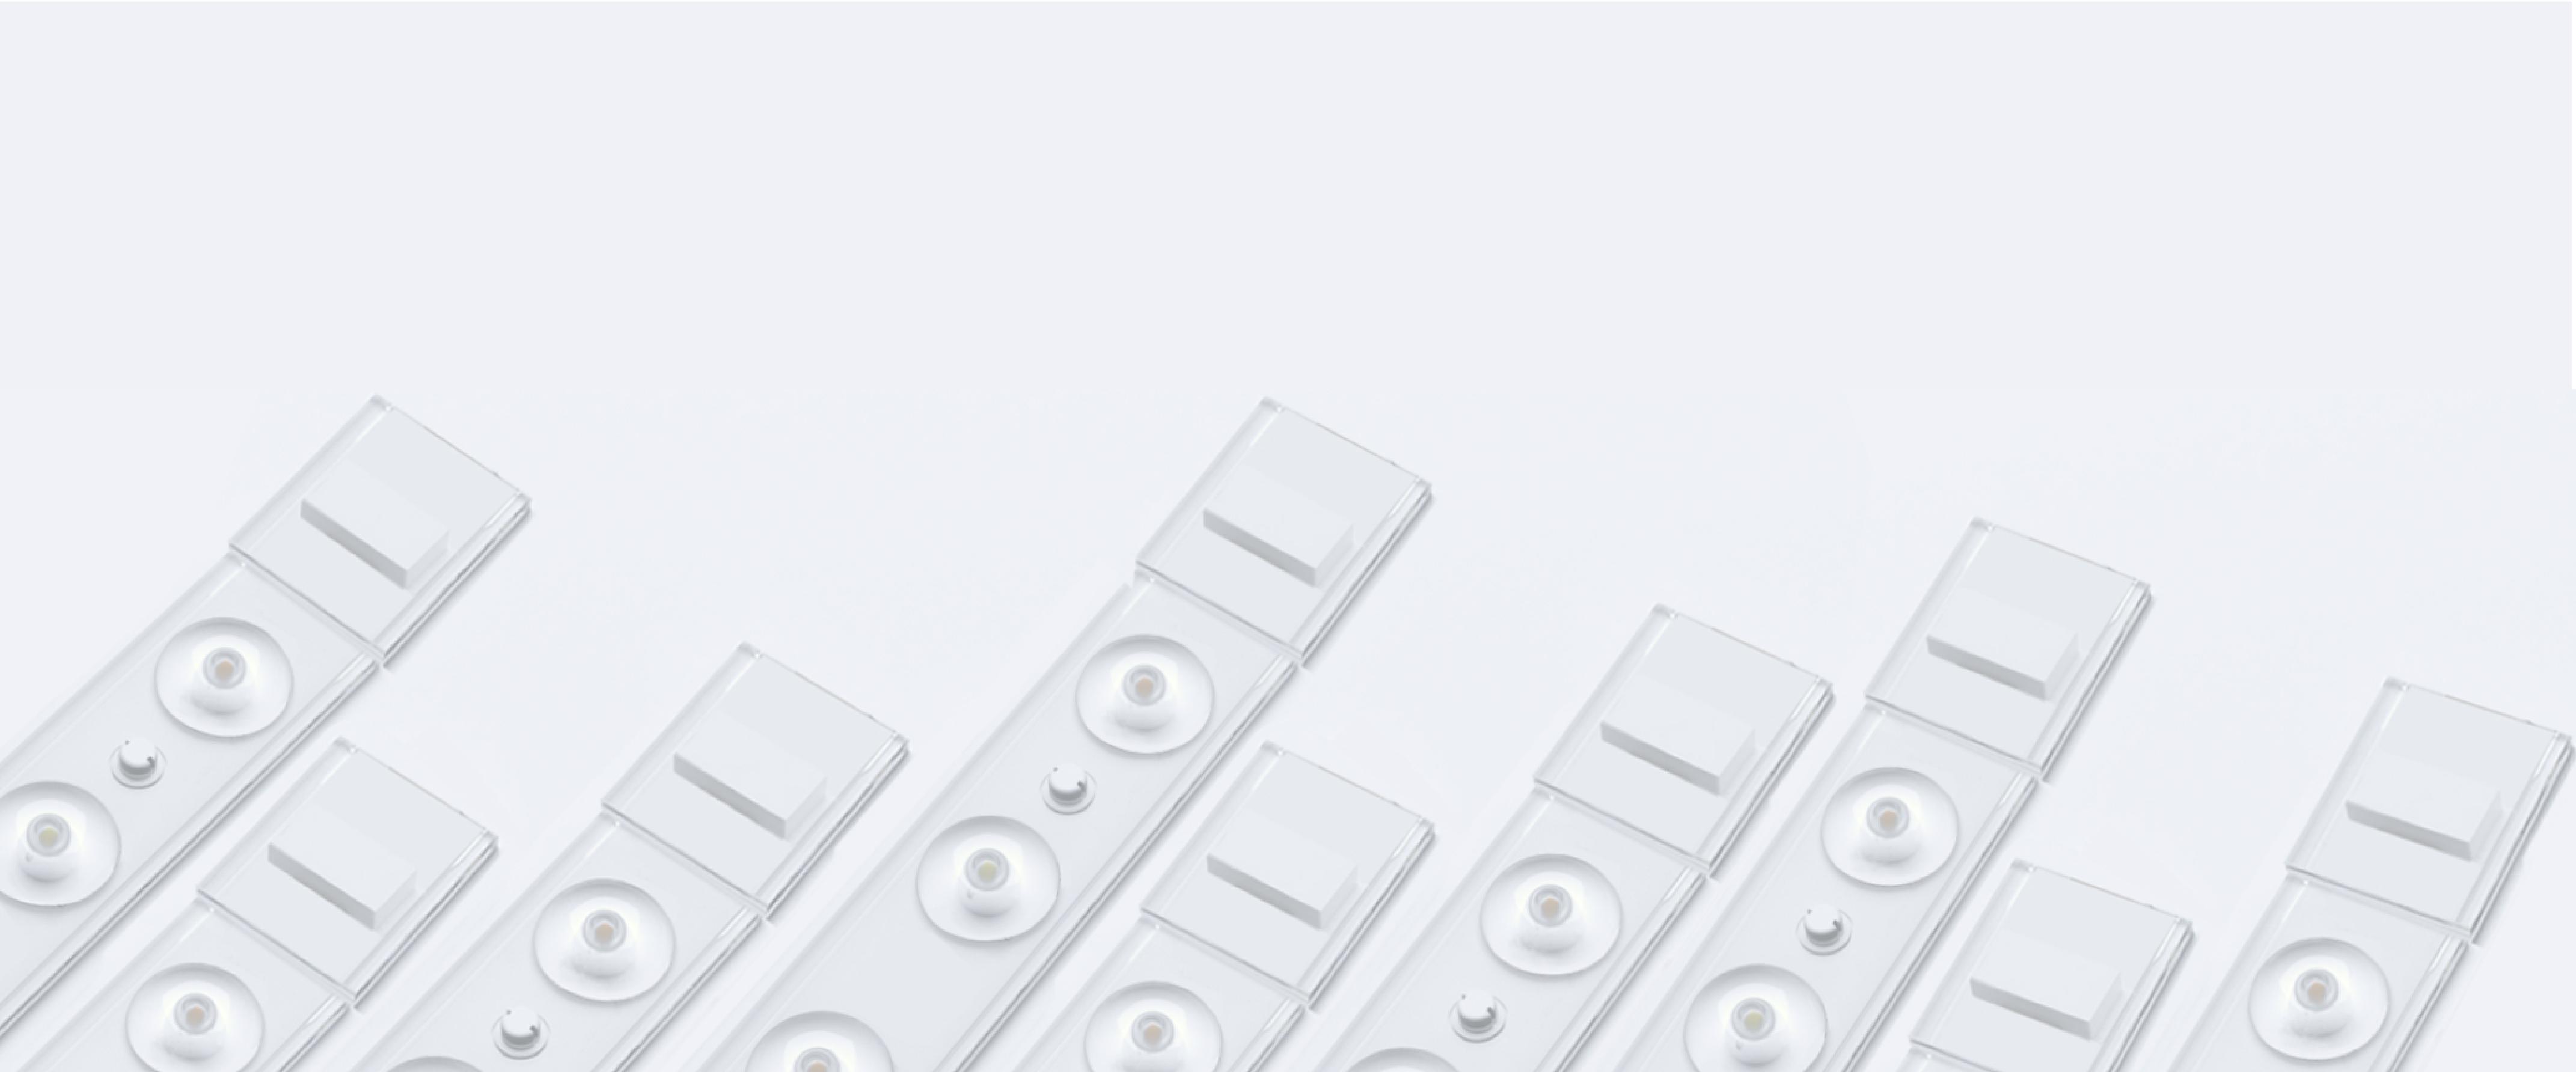 Ốp trần sử dụng công nghệ lens cho ánh sáng phân bố đồng đều